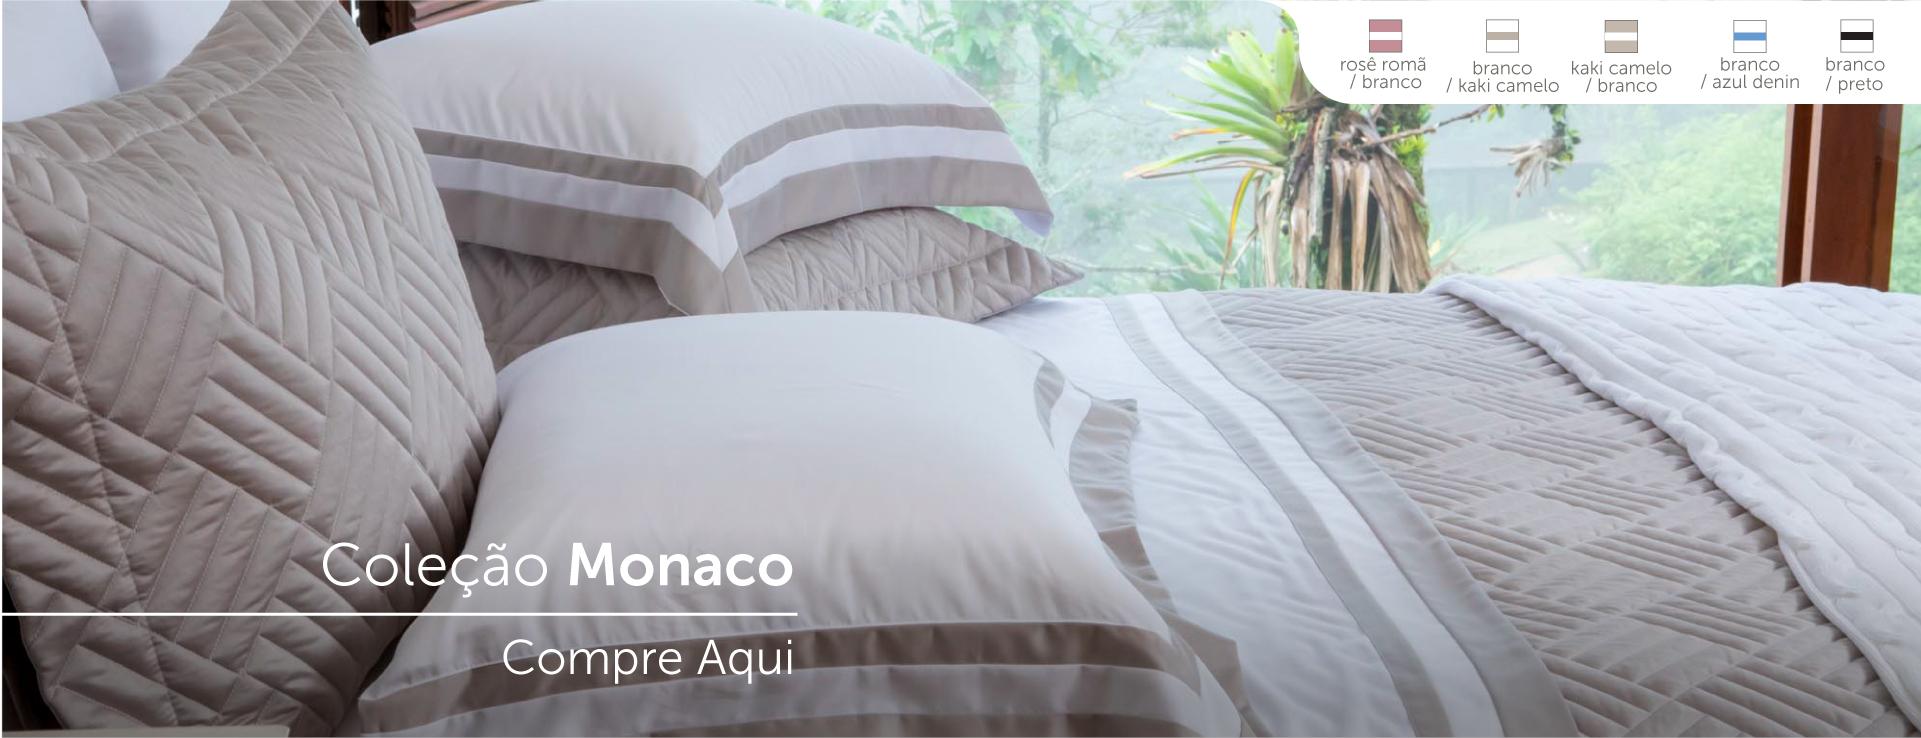 Monaco - Lancamento